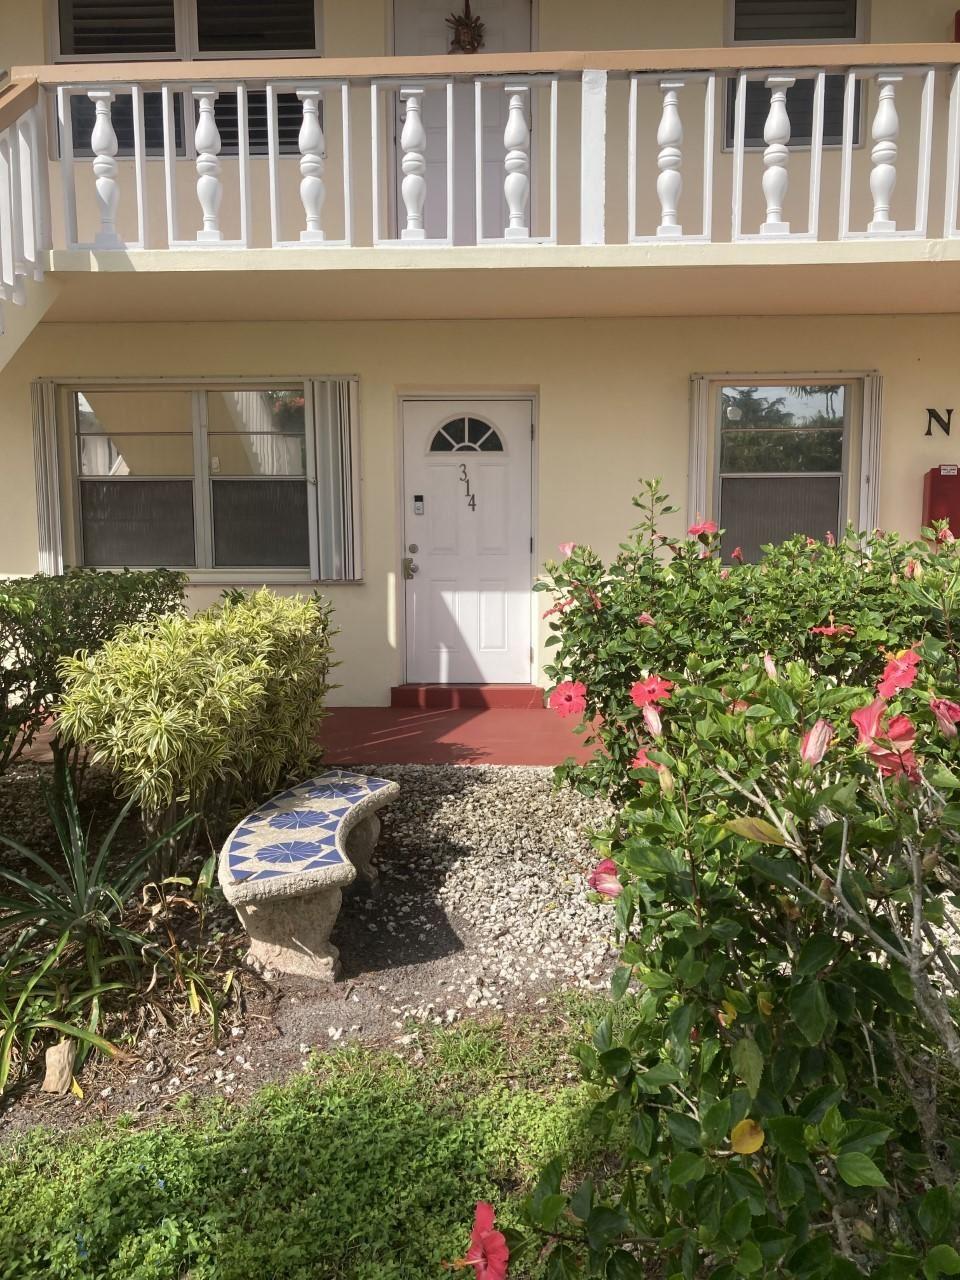 314 Norwich N, West Palm Beach, FL 33417 - MLS#: RX-10694312